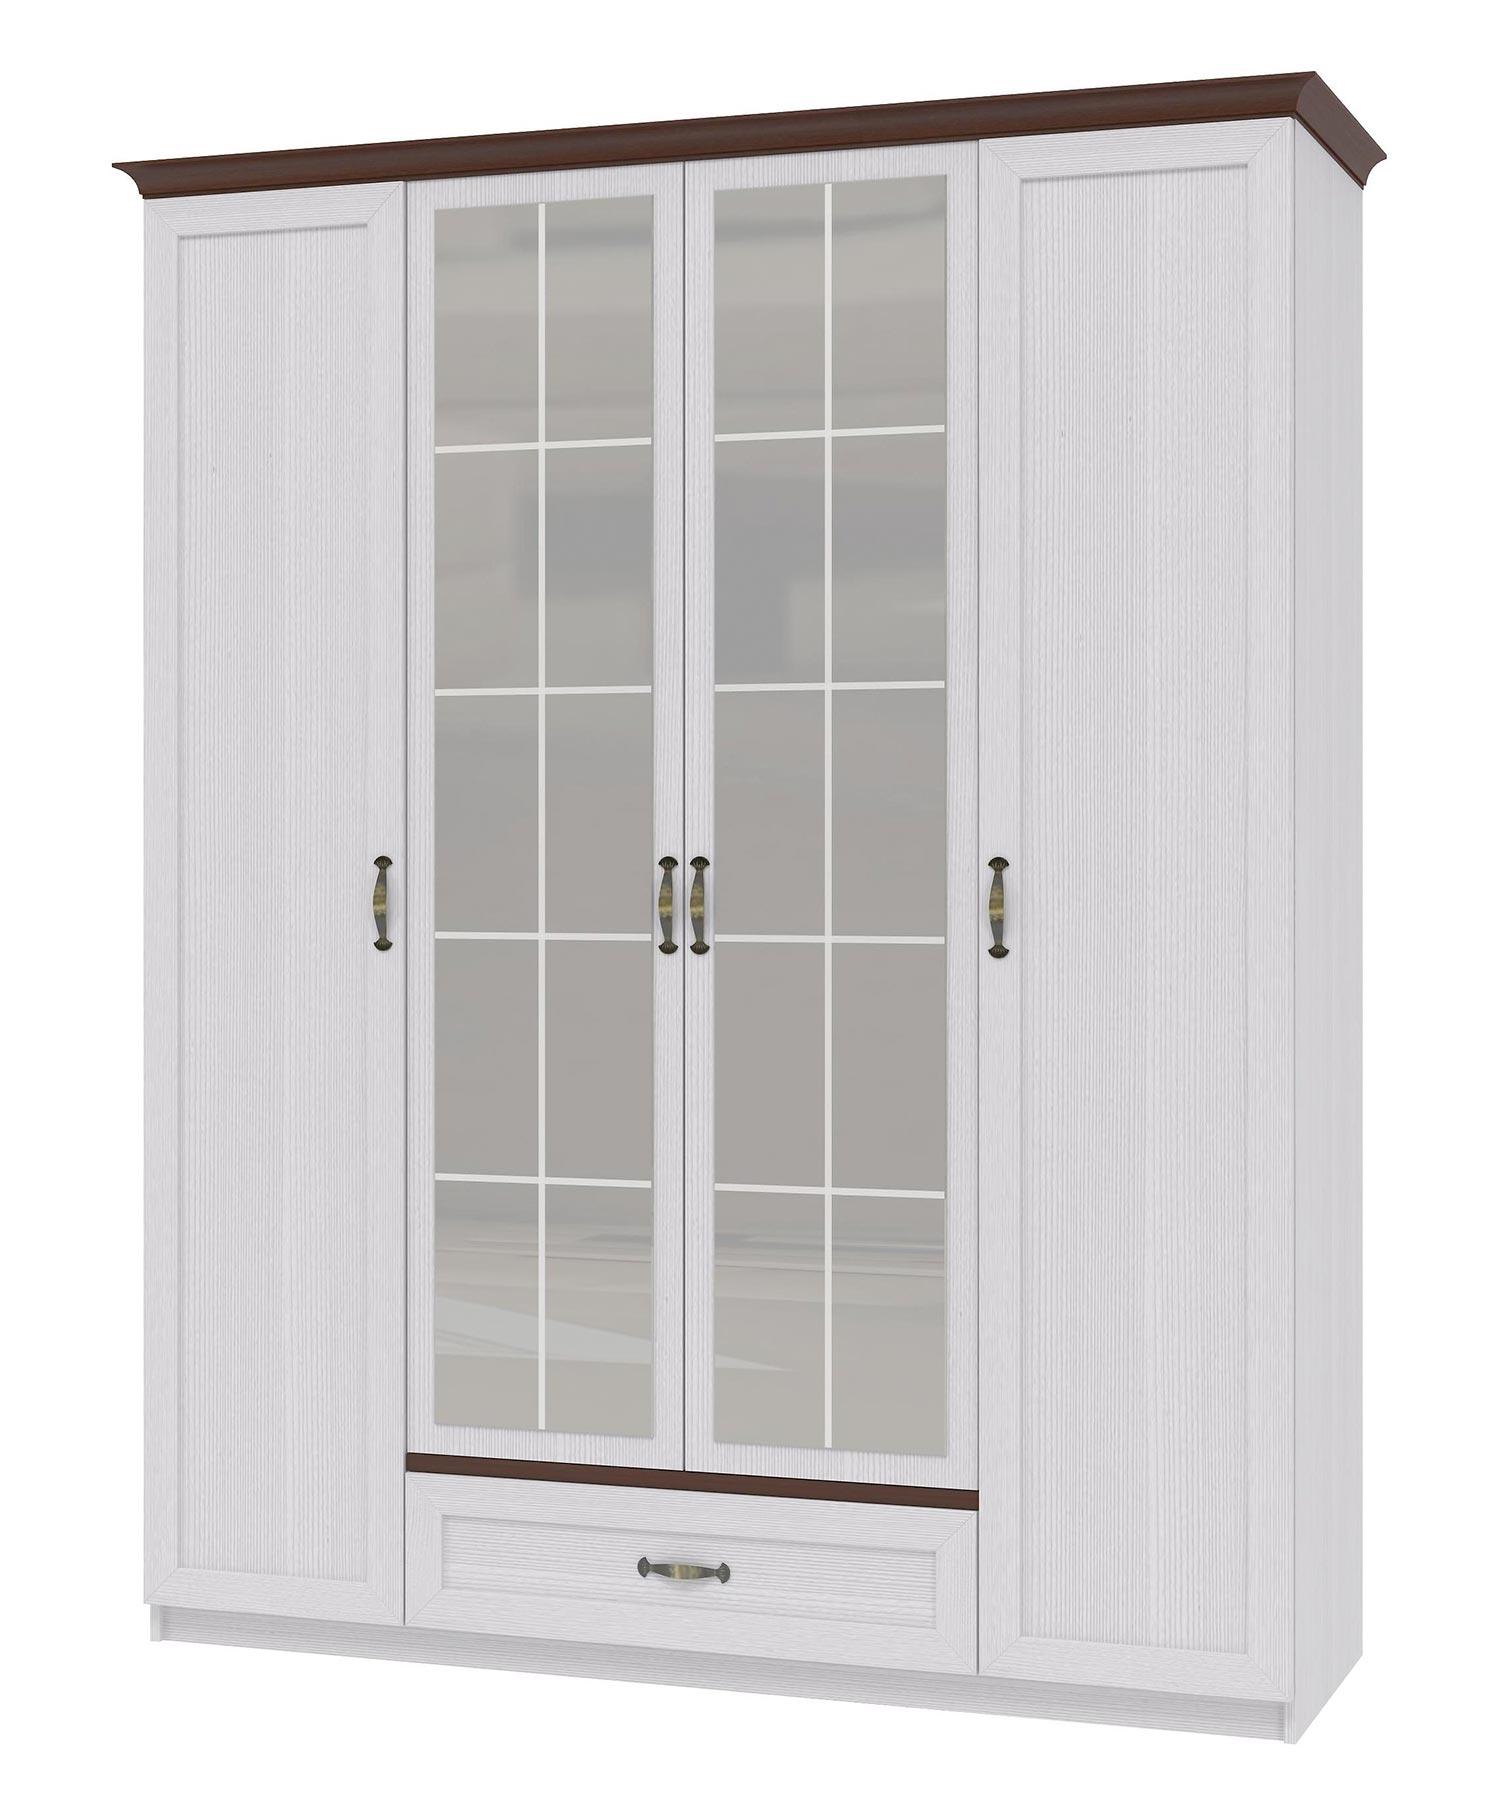 Шкаф 4х дверный для одежды Интеди Вентура, ИД.01.70